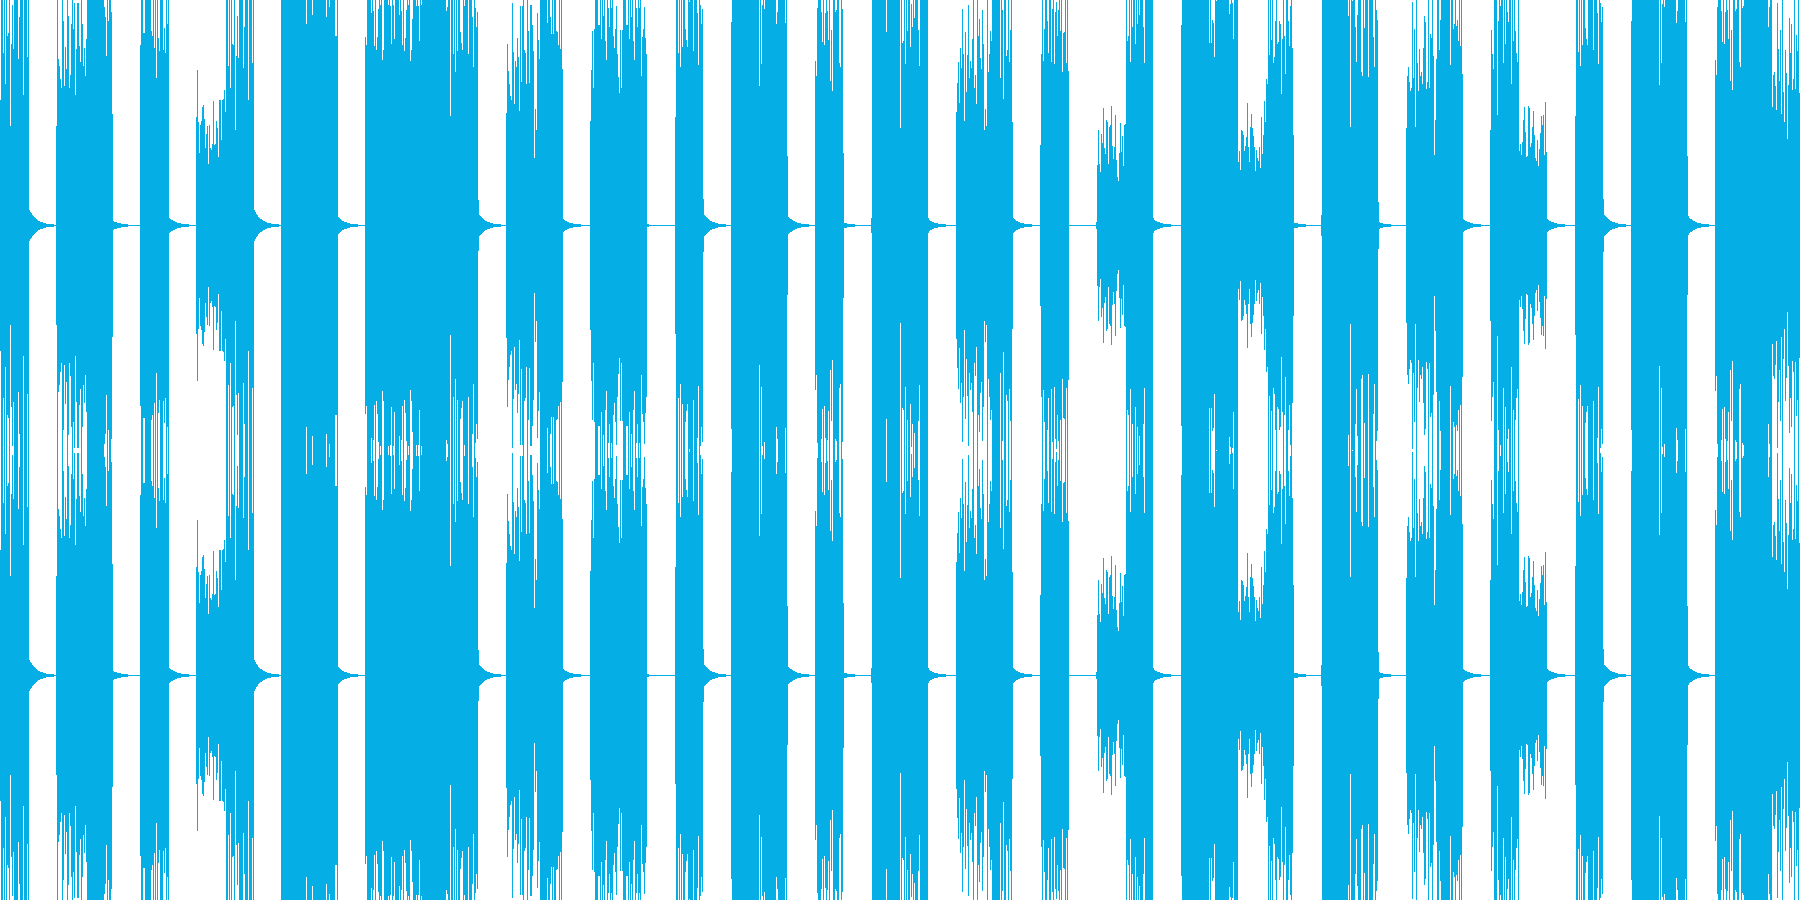 壊れたPCの様な音 ザップ音の再生済みの波形